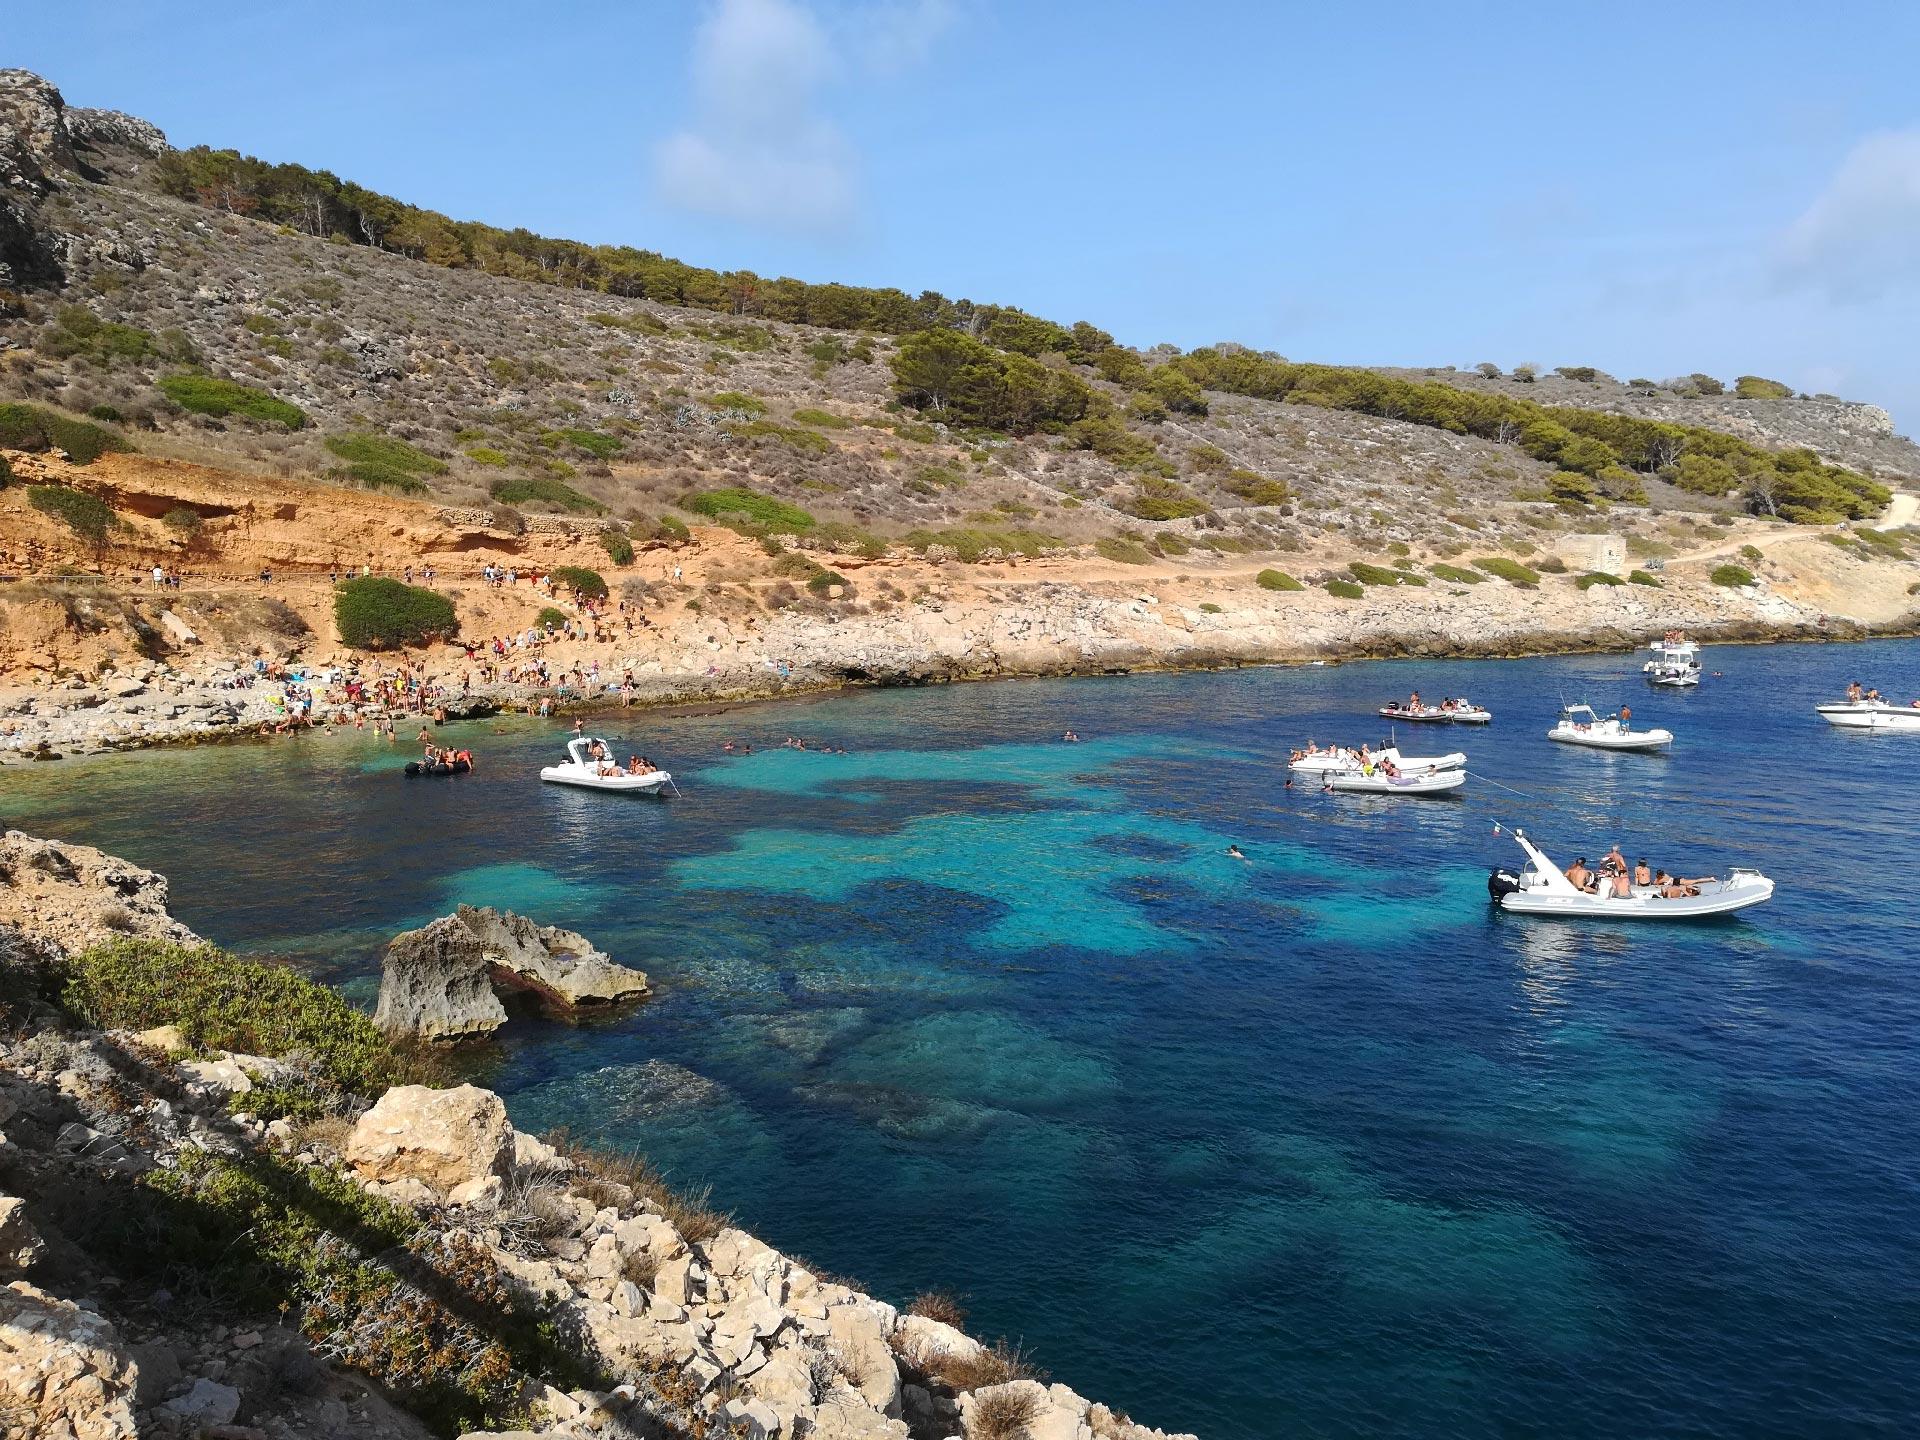 il mare blu dell'isola di Levanzo, Trapani, Sicilia